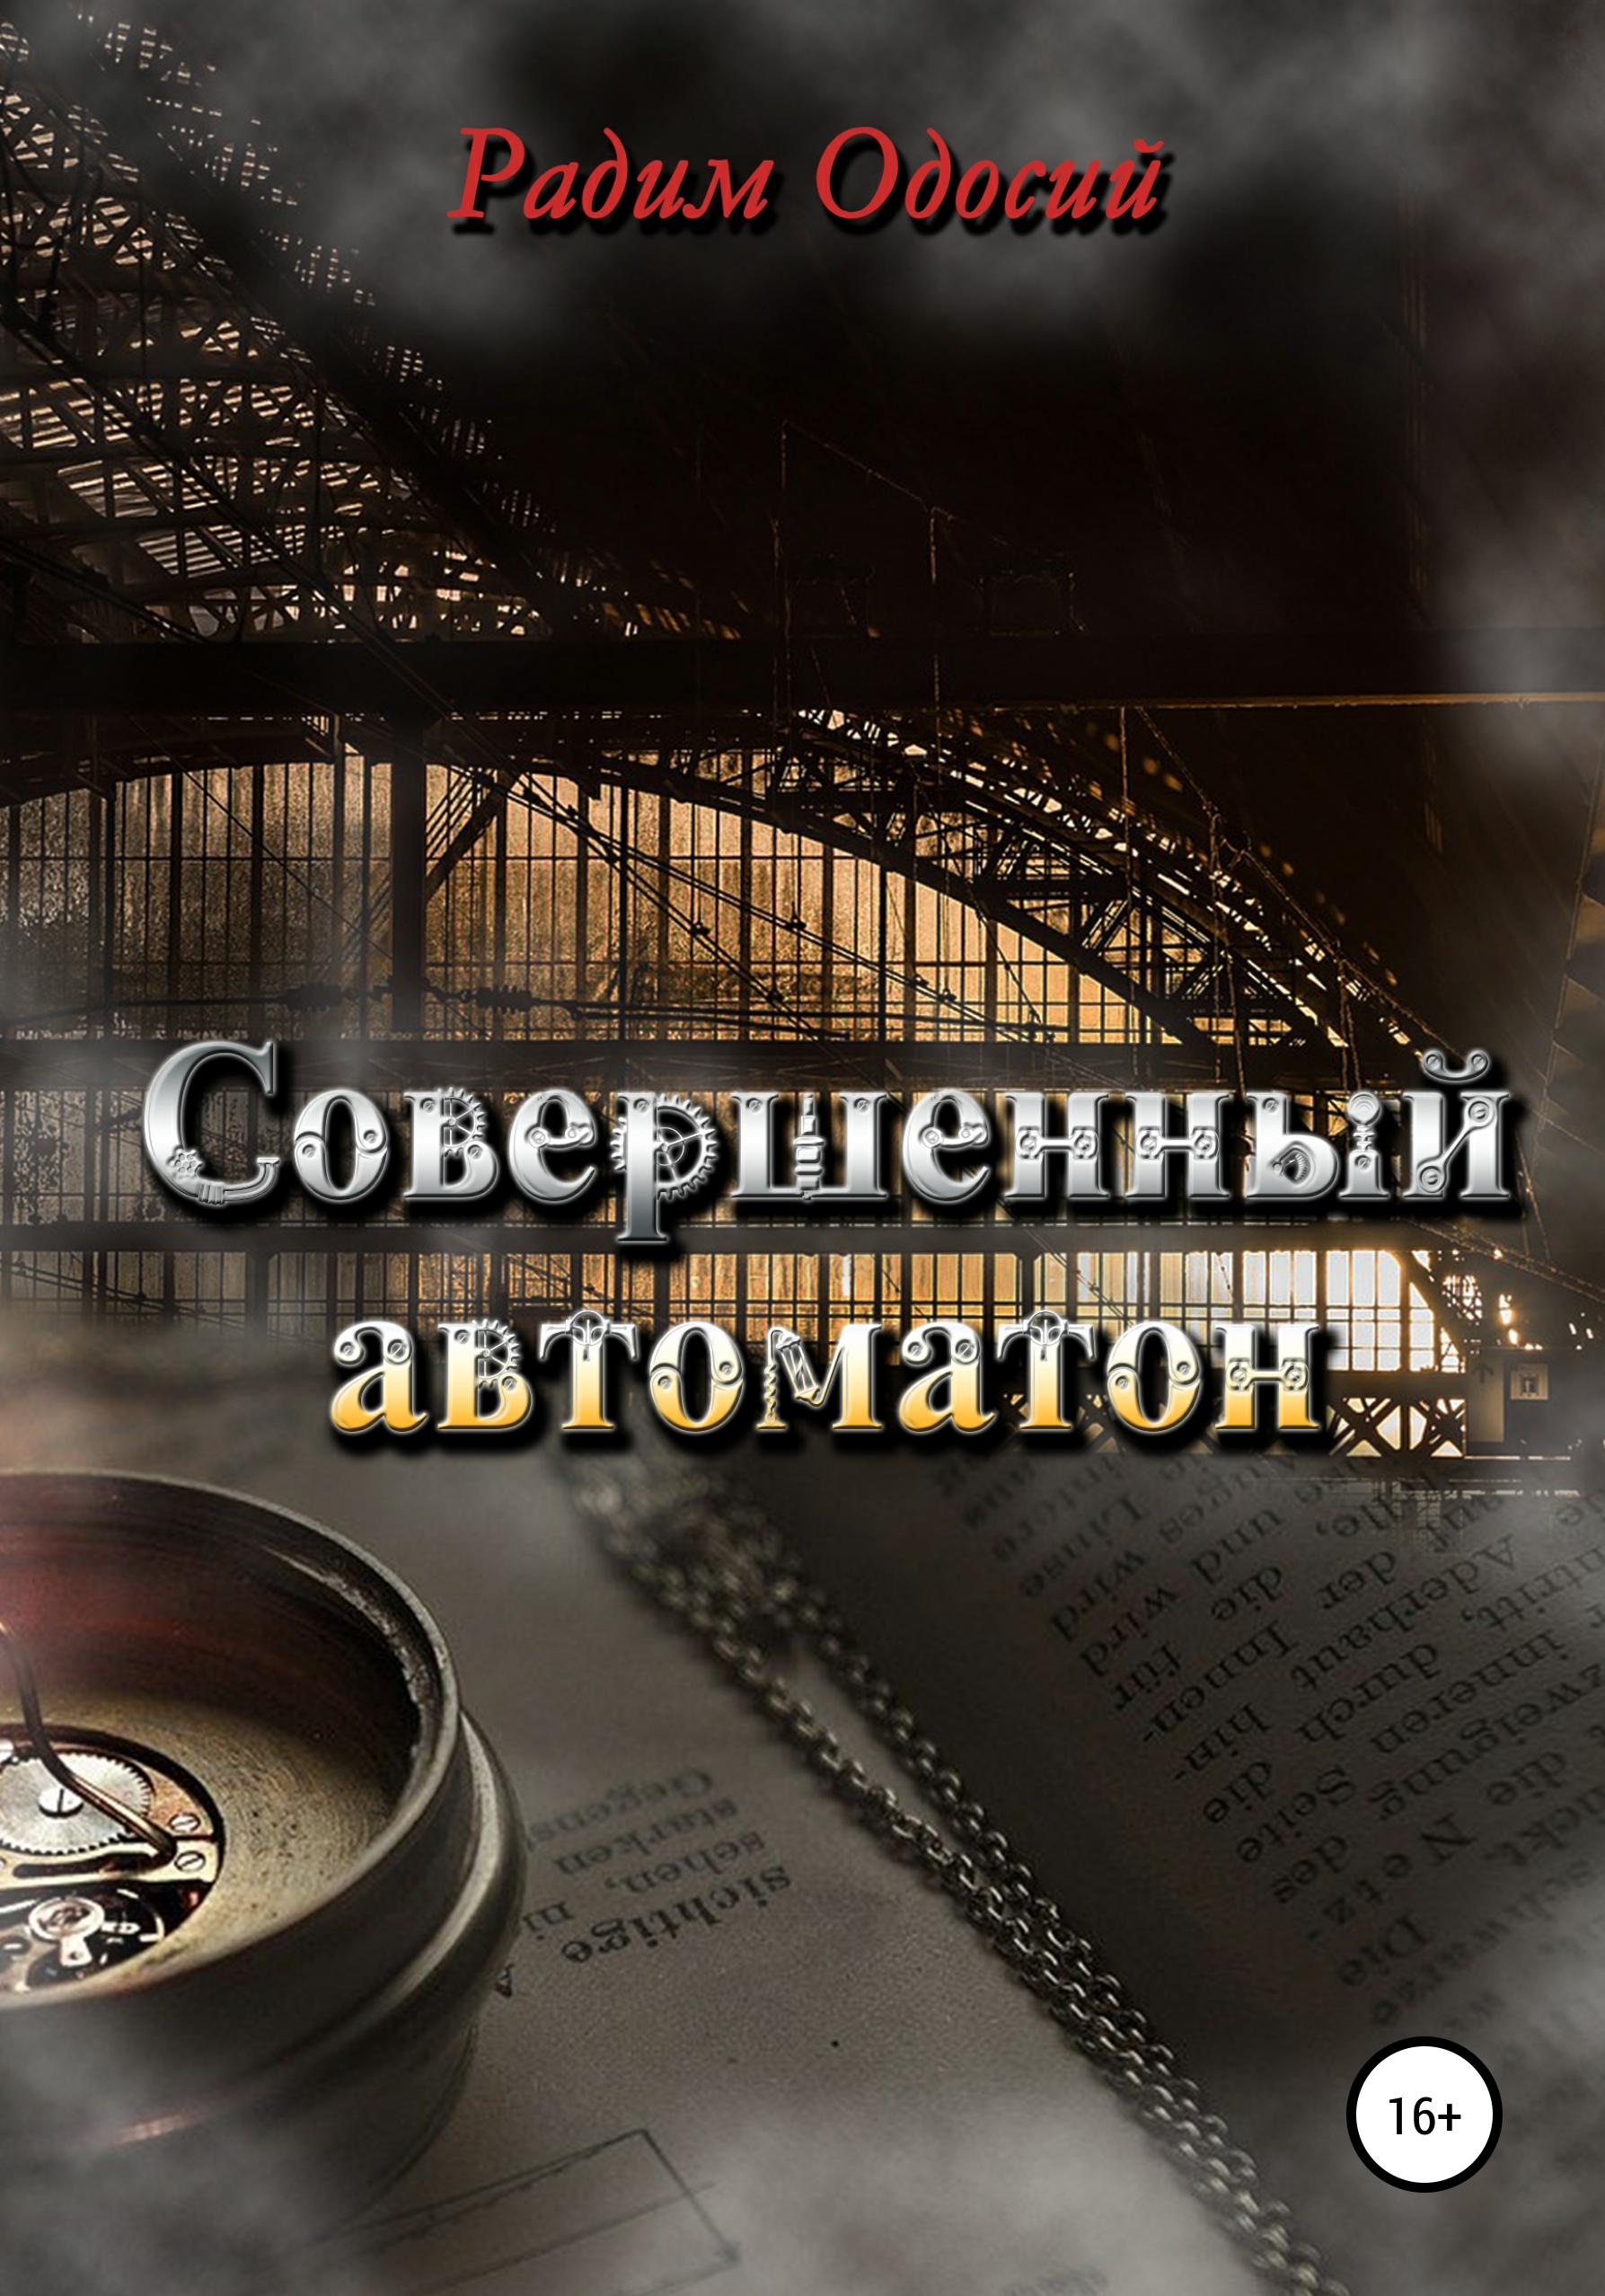 Купить книгу Совершенный автоматон, автора Радима Одосий